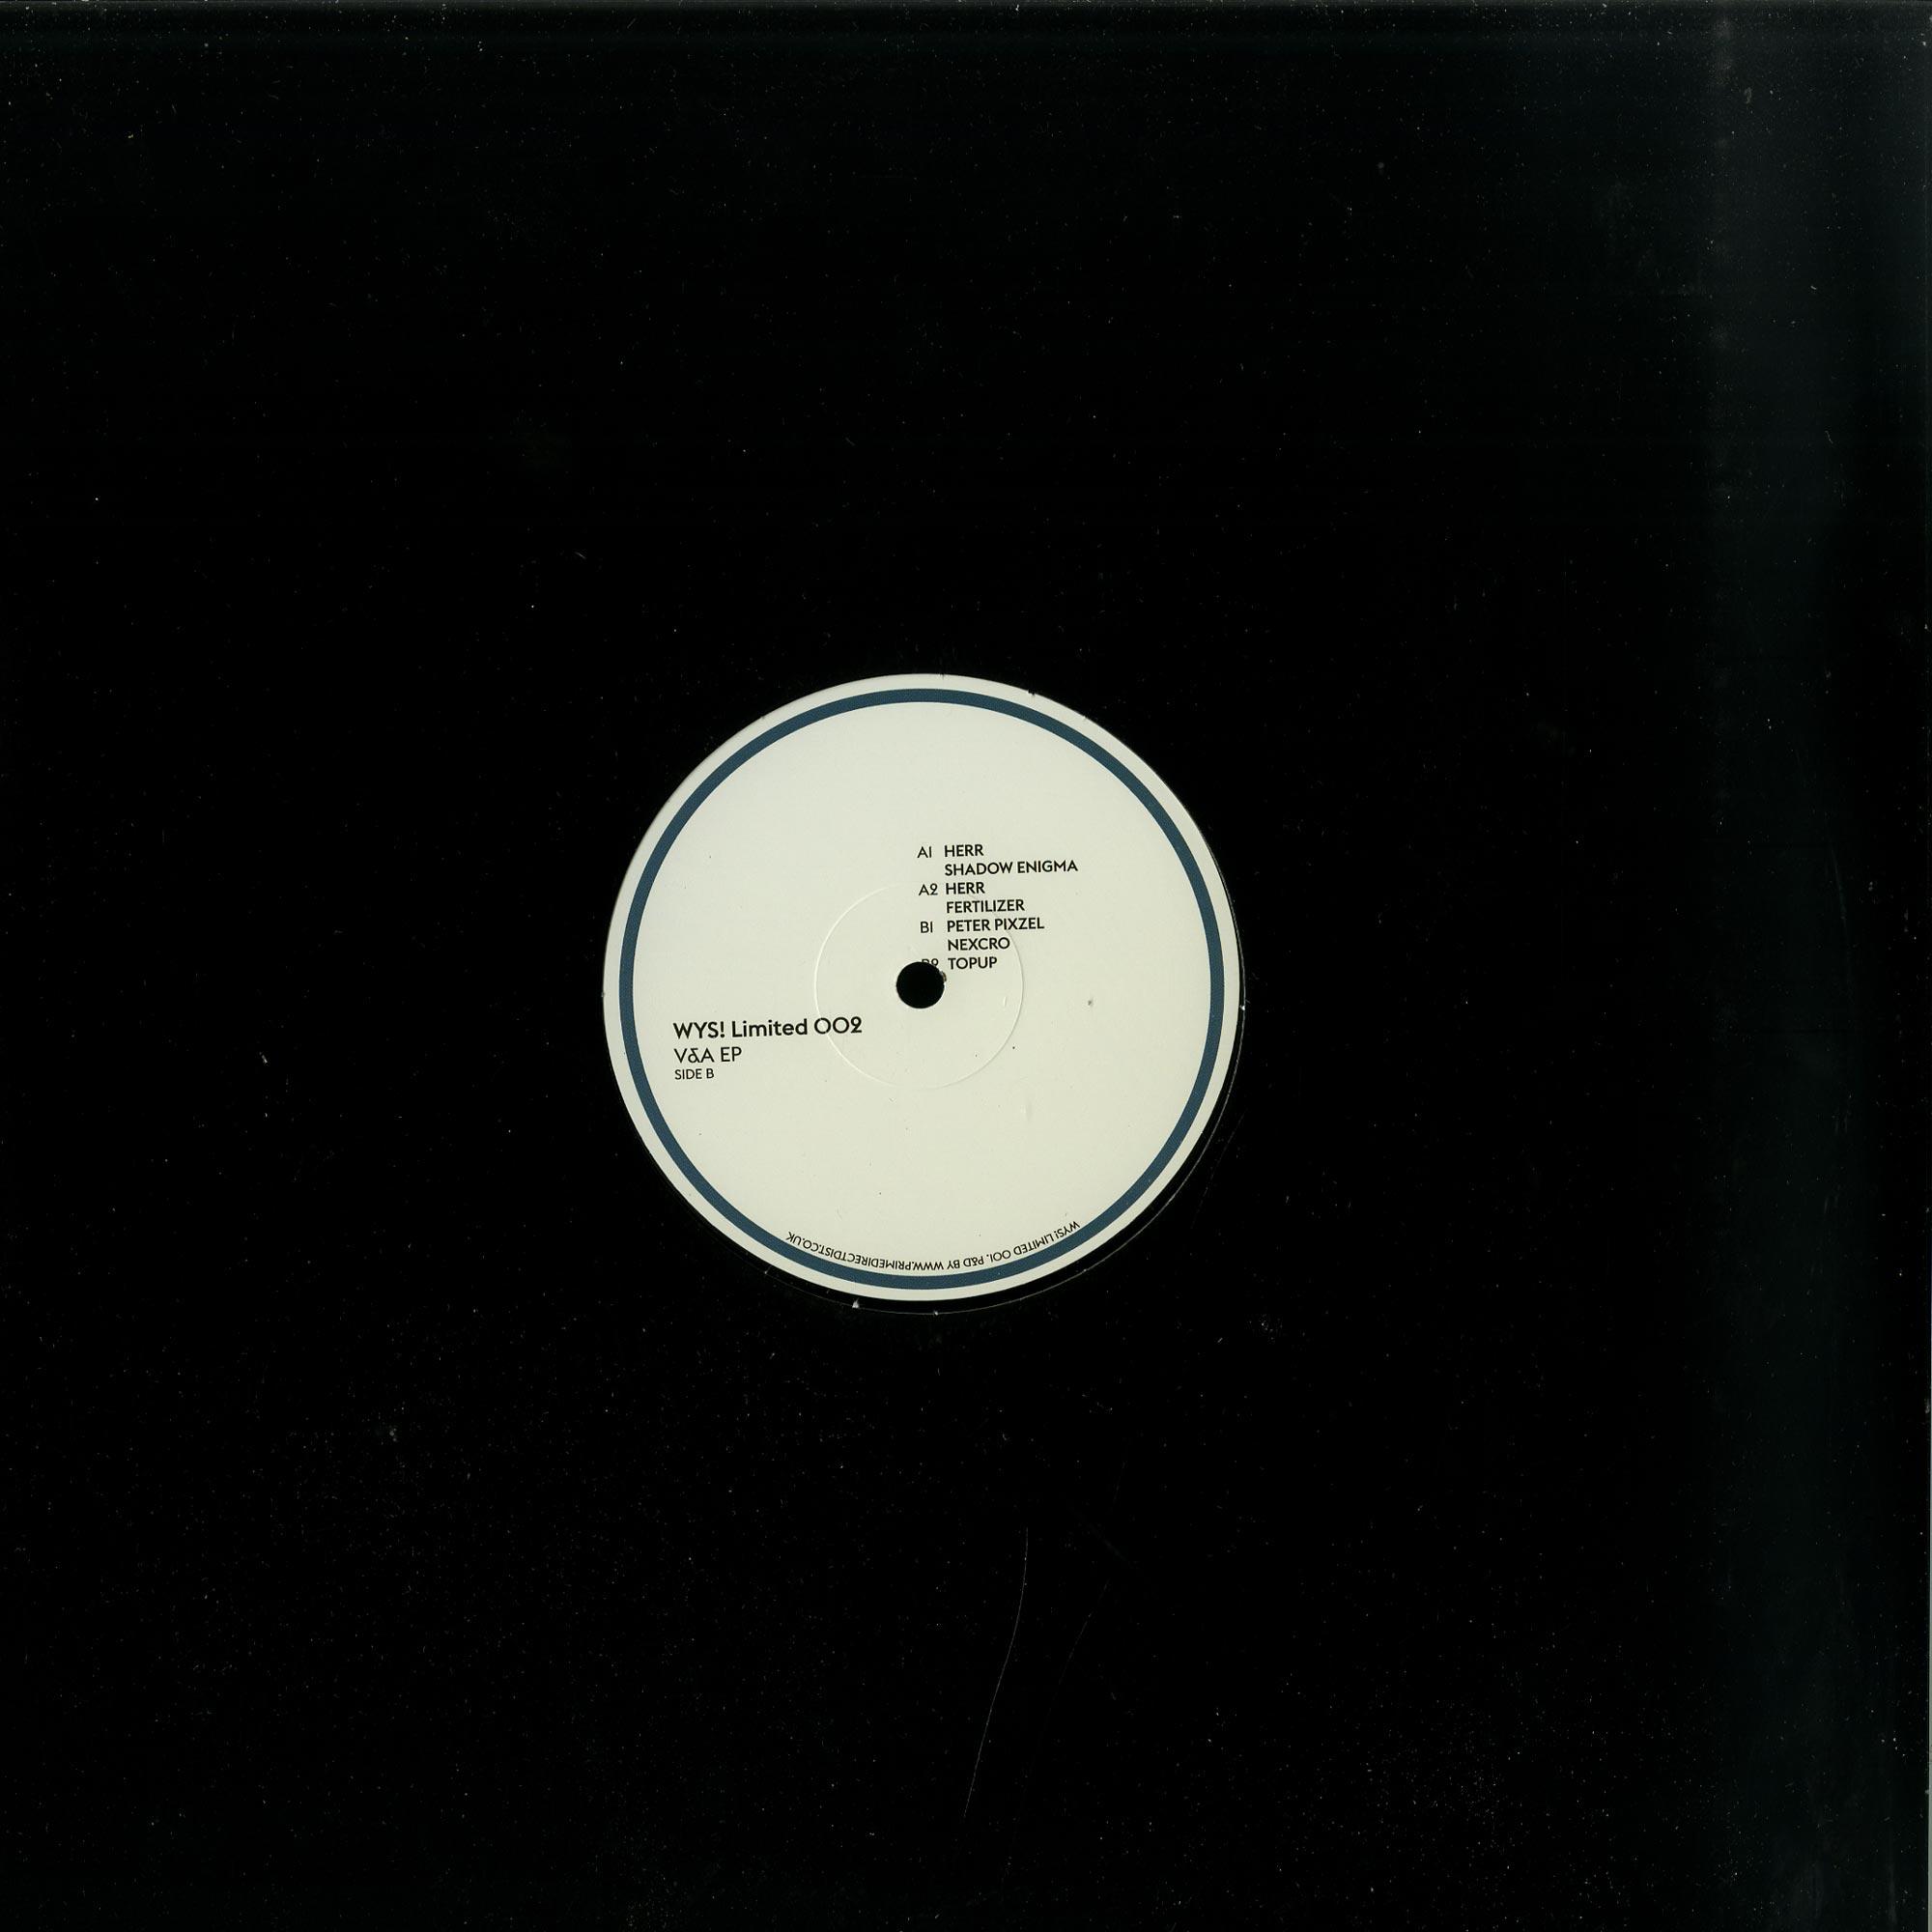 Herr, Peter Pixzel - V&A EP